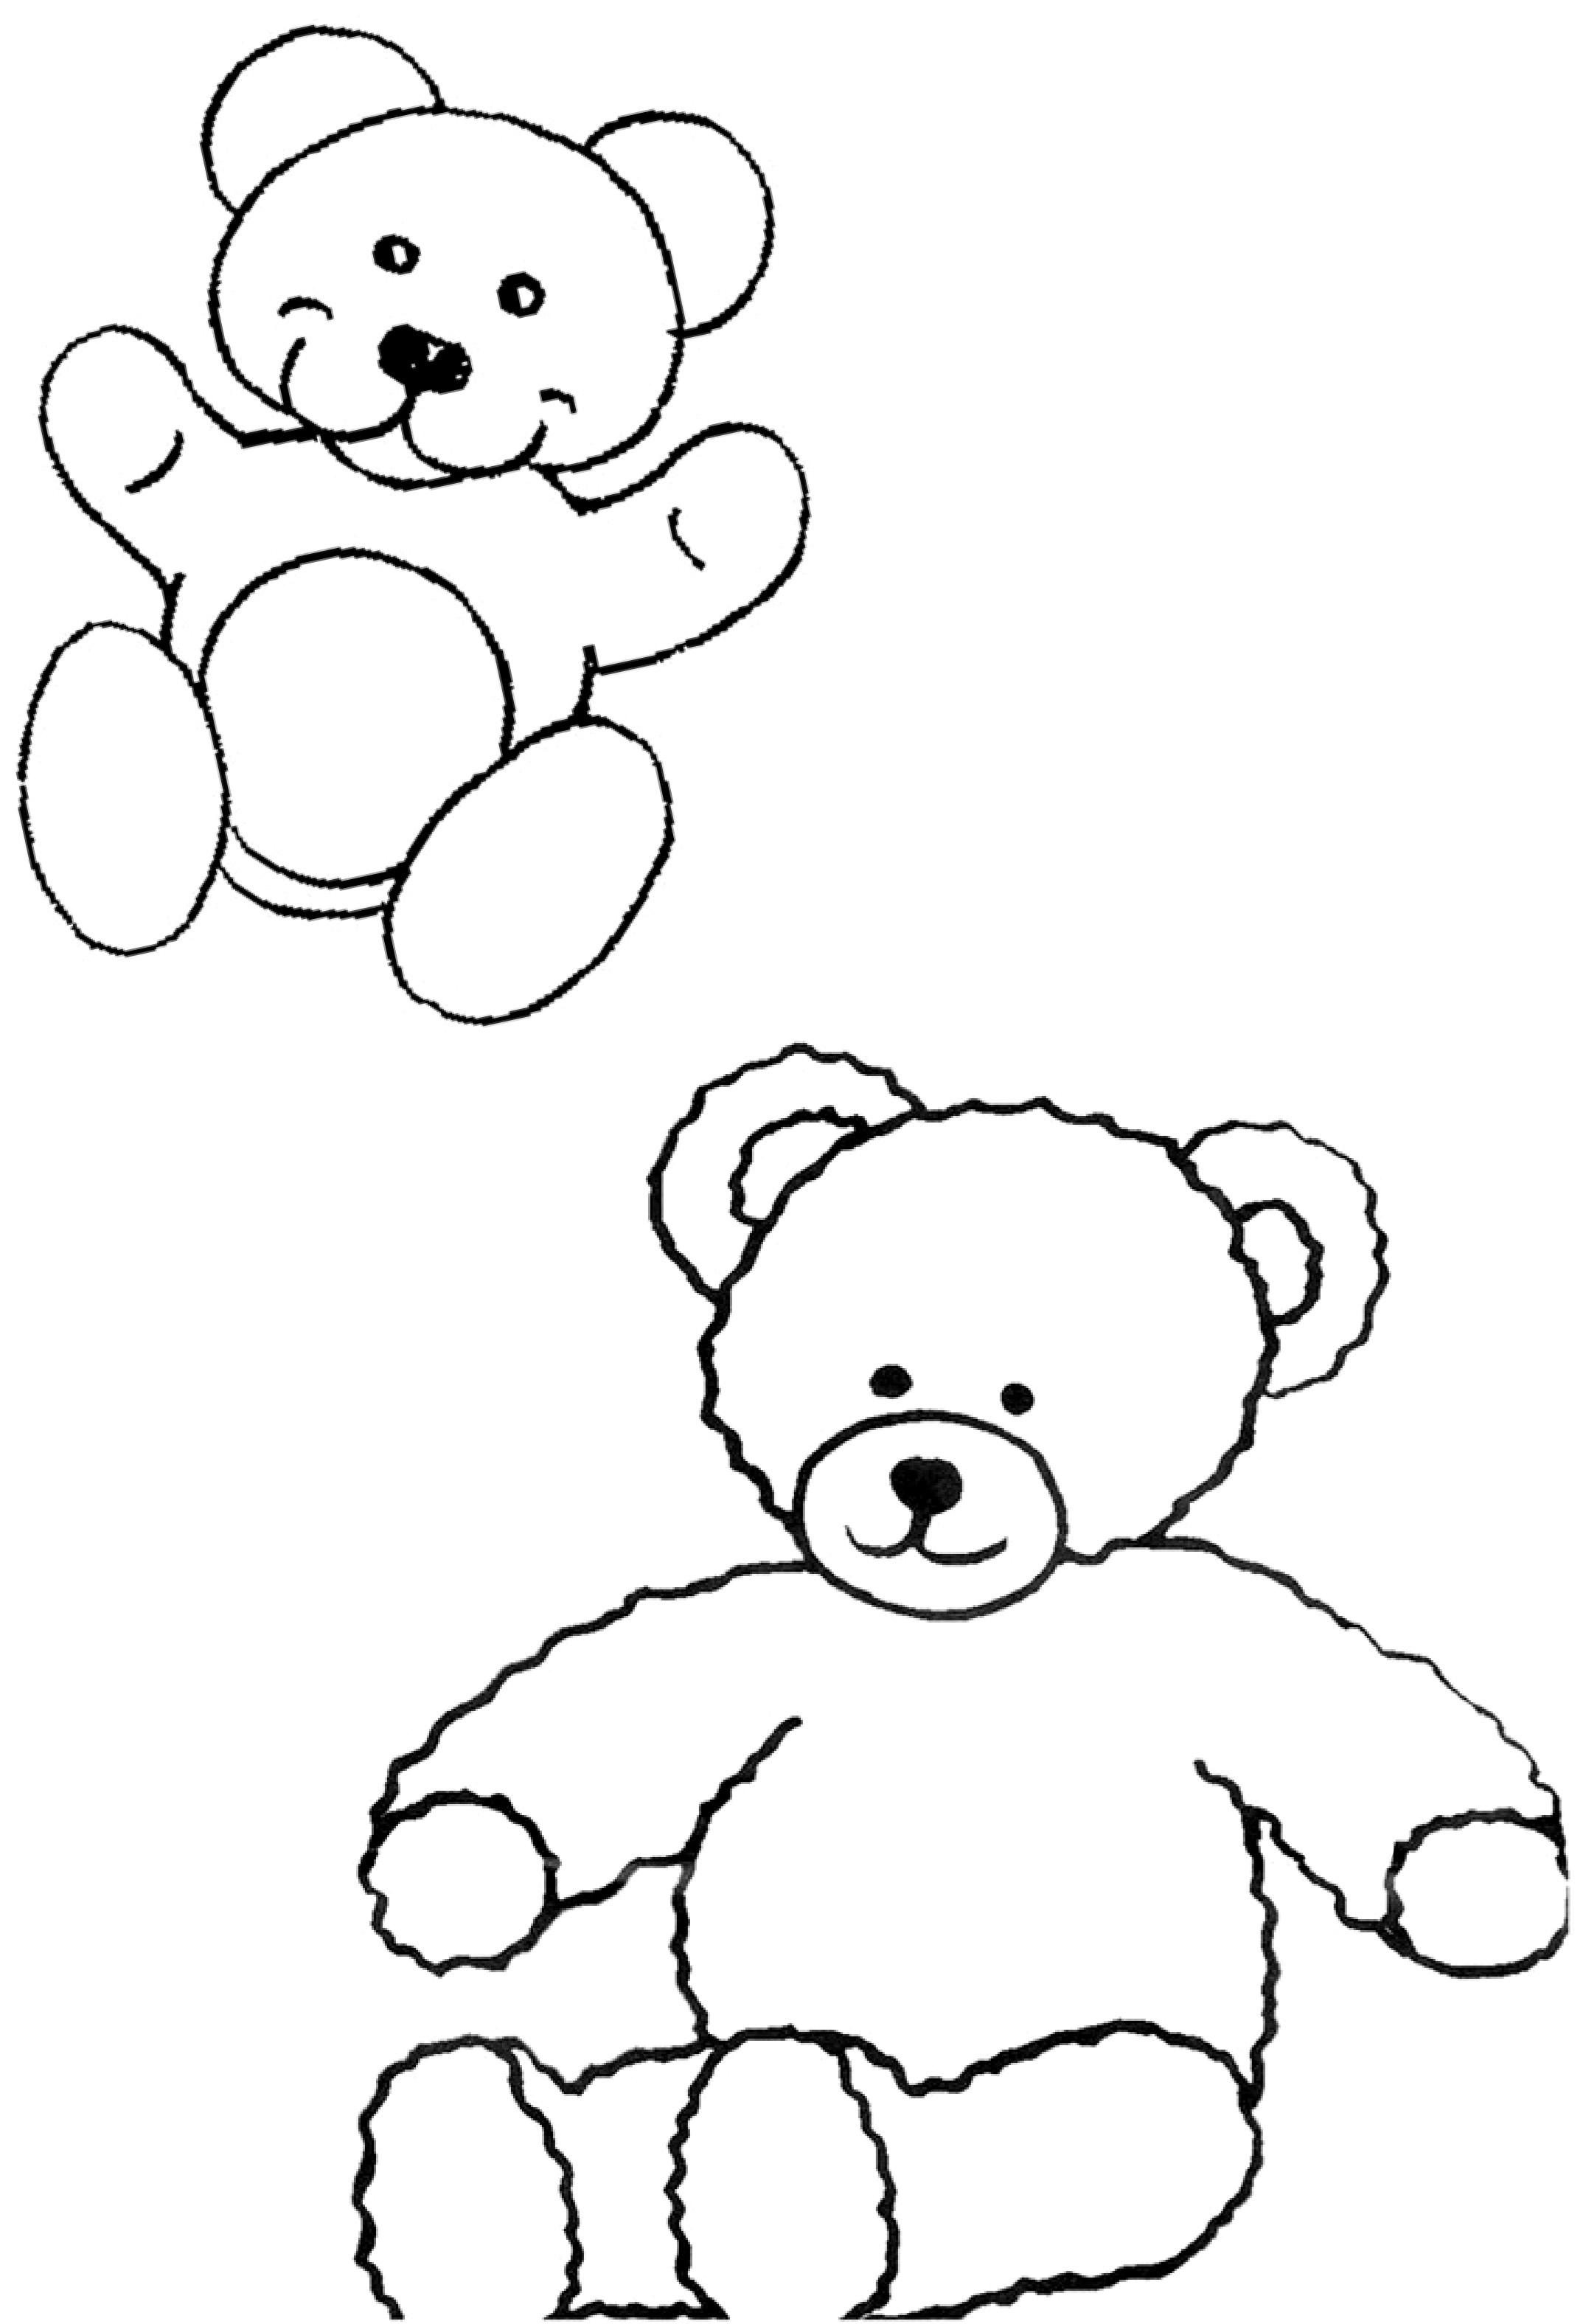 MyToys_Malvorlagen_Teddybaeren myToys-Blog